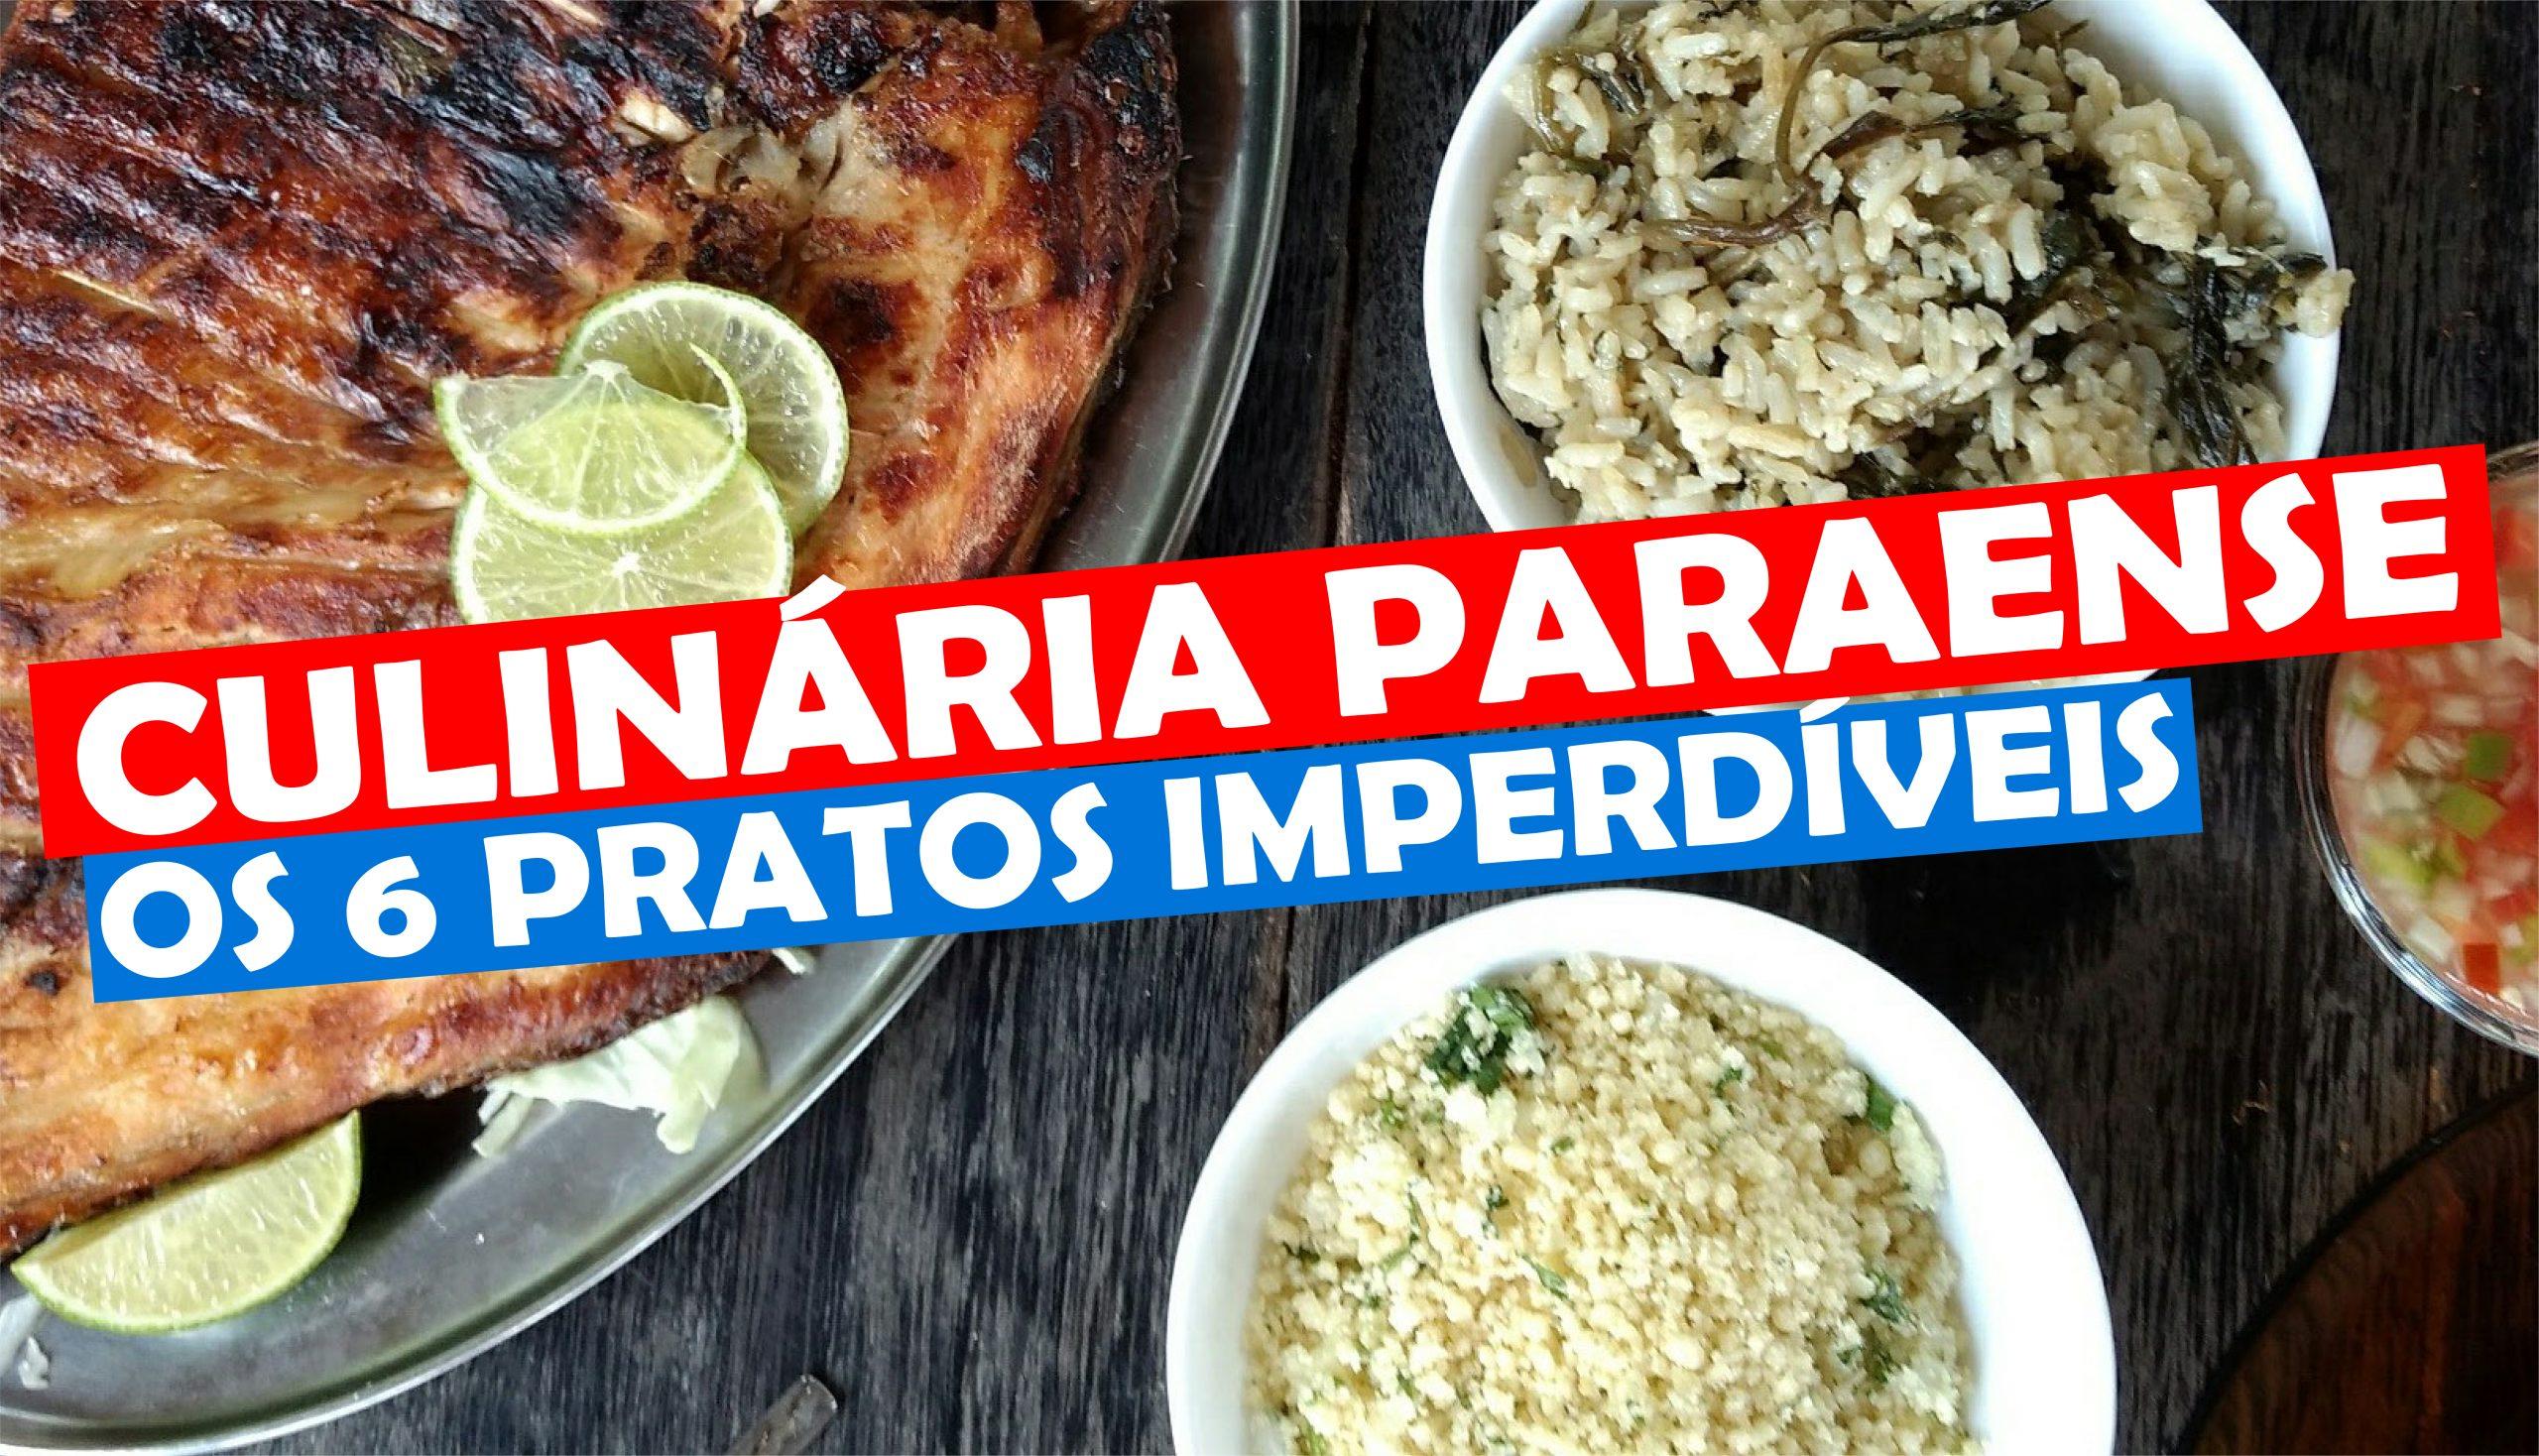 You are currently viewing Culinária Paraense, os 6 pratos típicos imperdíveis do Pará